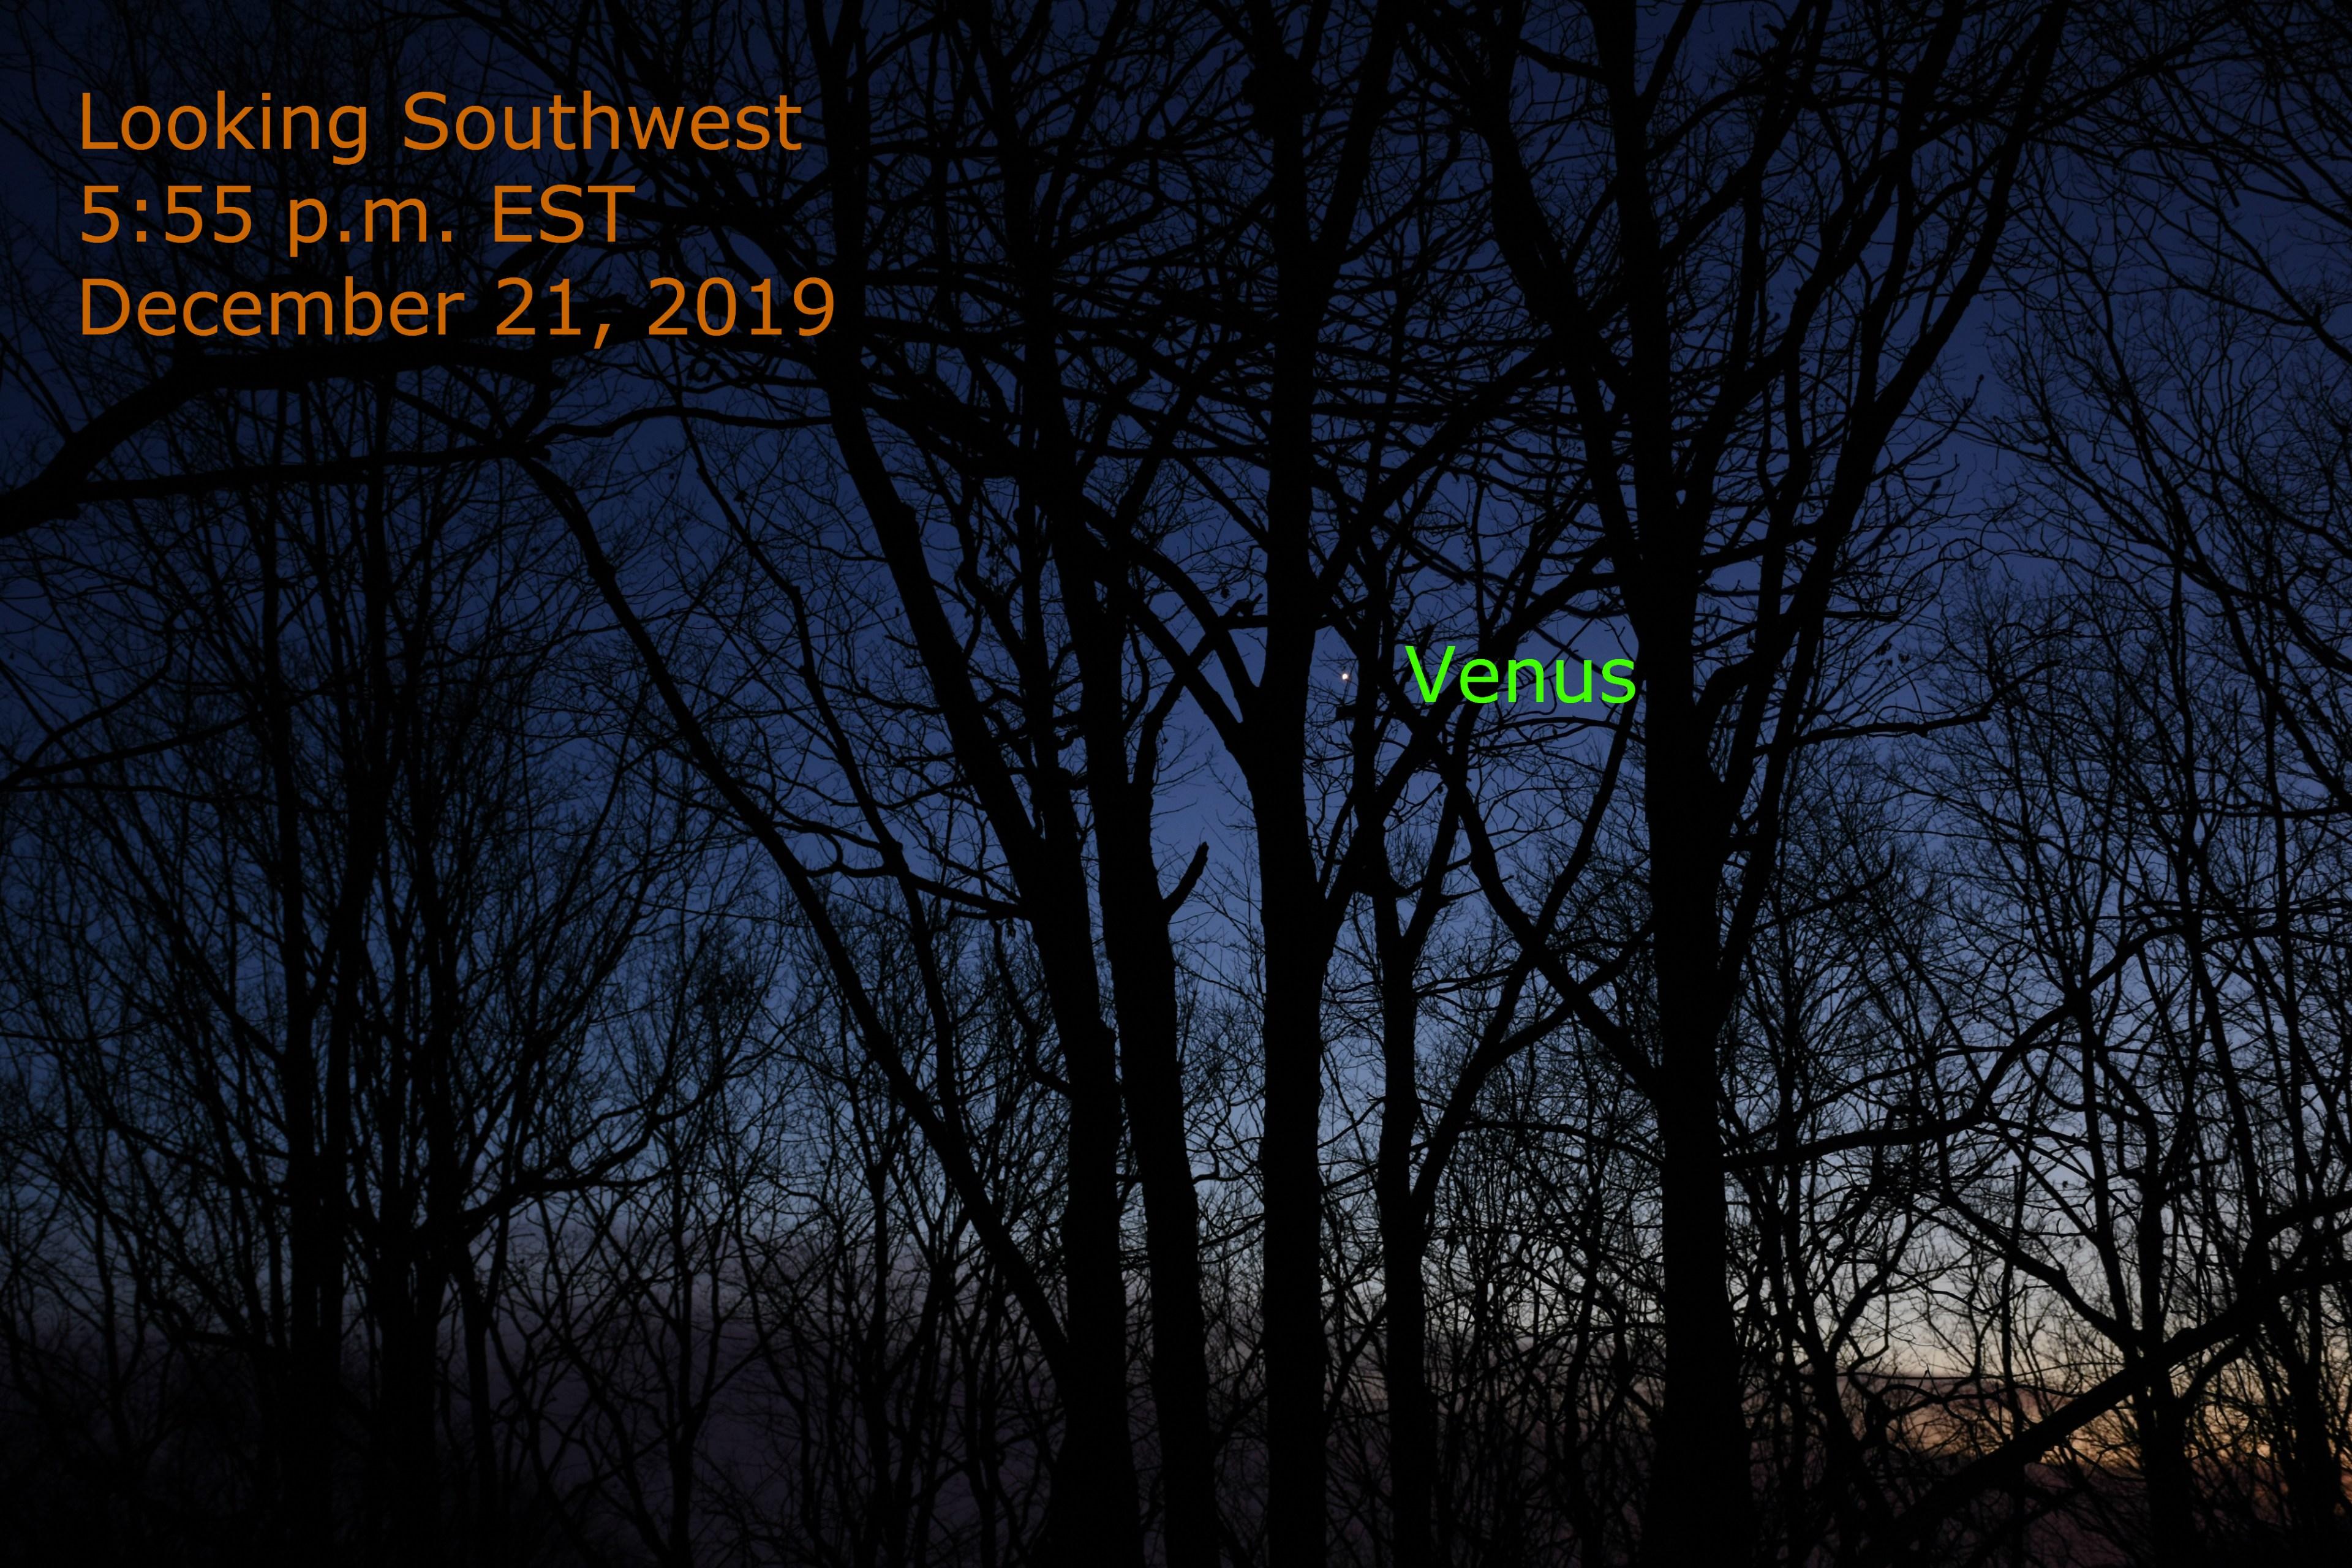 Venus on solstice evening 2019.